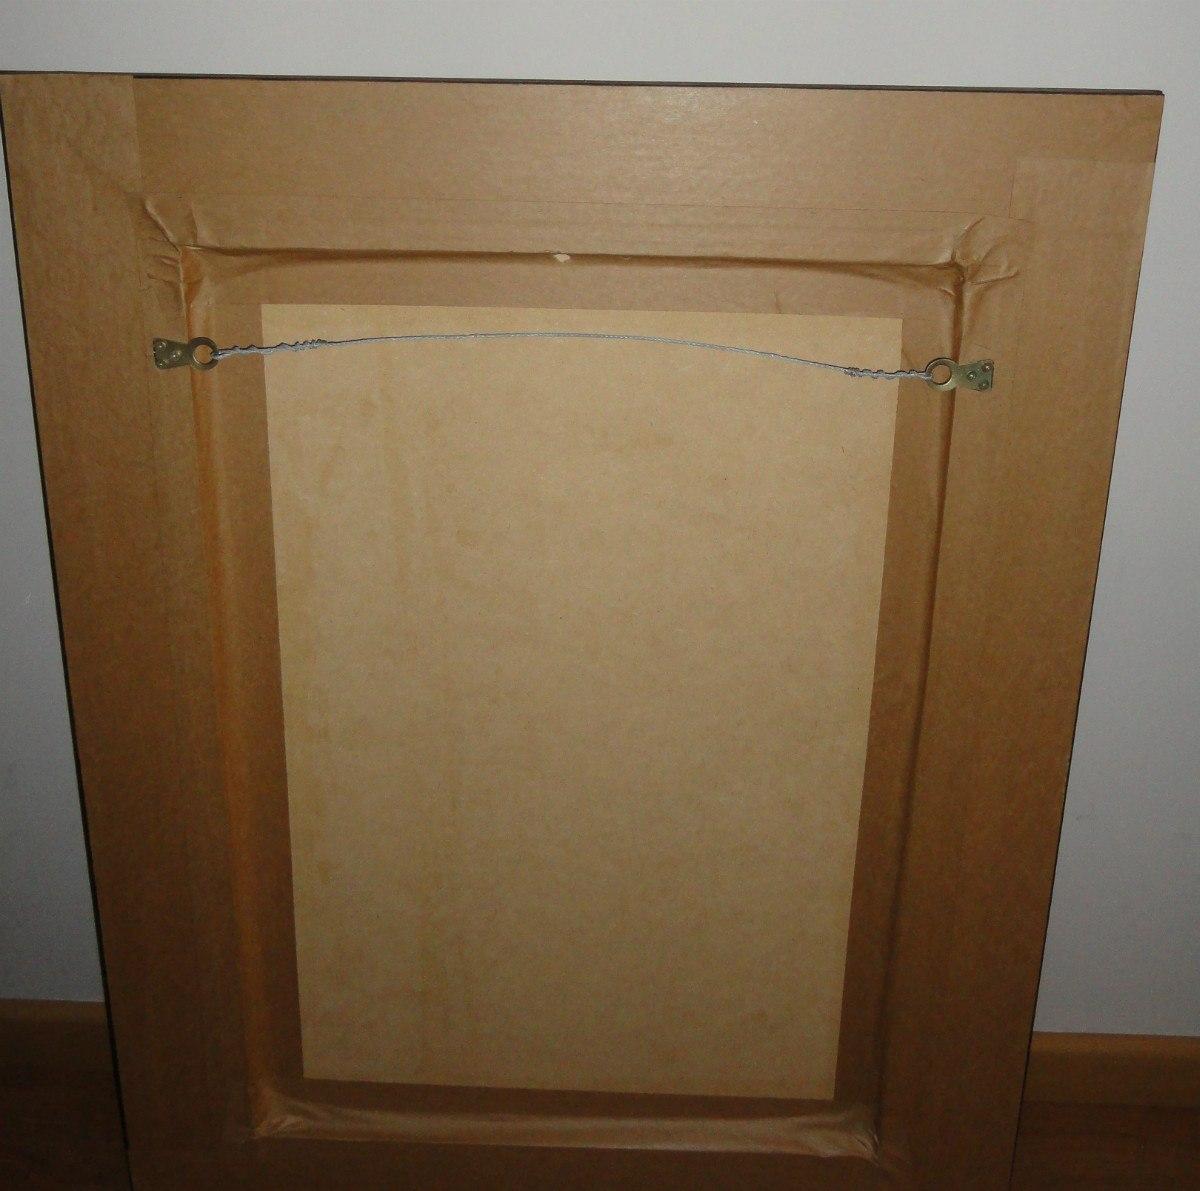 Hacer un marco para un espejo ideas creativas para for Como hacer un espejo con marco de madera